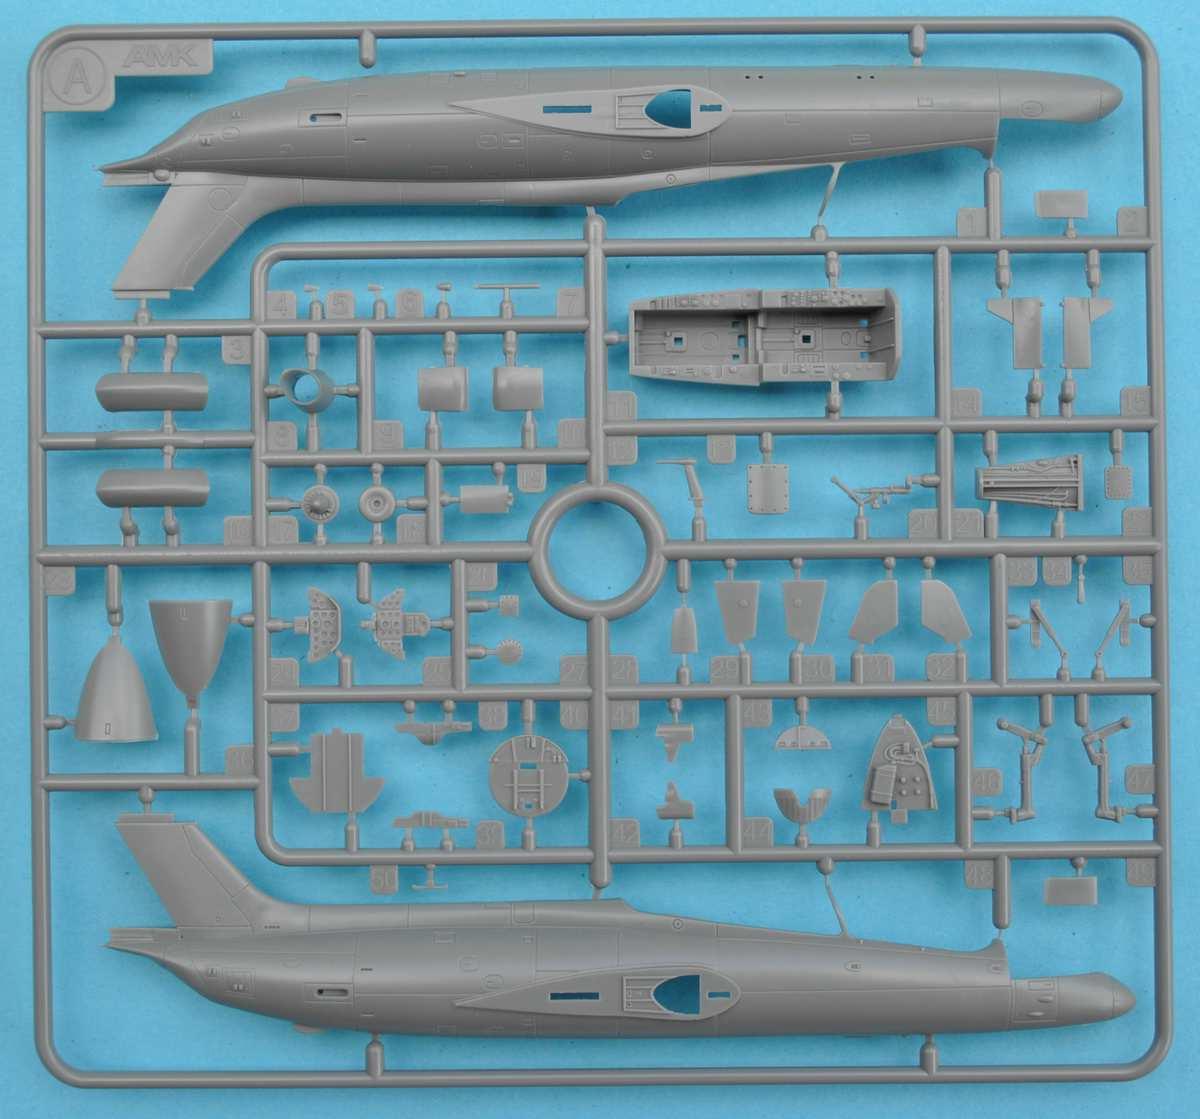 AMK-86001-Aero-L-29-Delfín-1-72-11 Aero L 29 Delfin von Avantgarde ( AMK 86001) im Maßstab 1:72